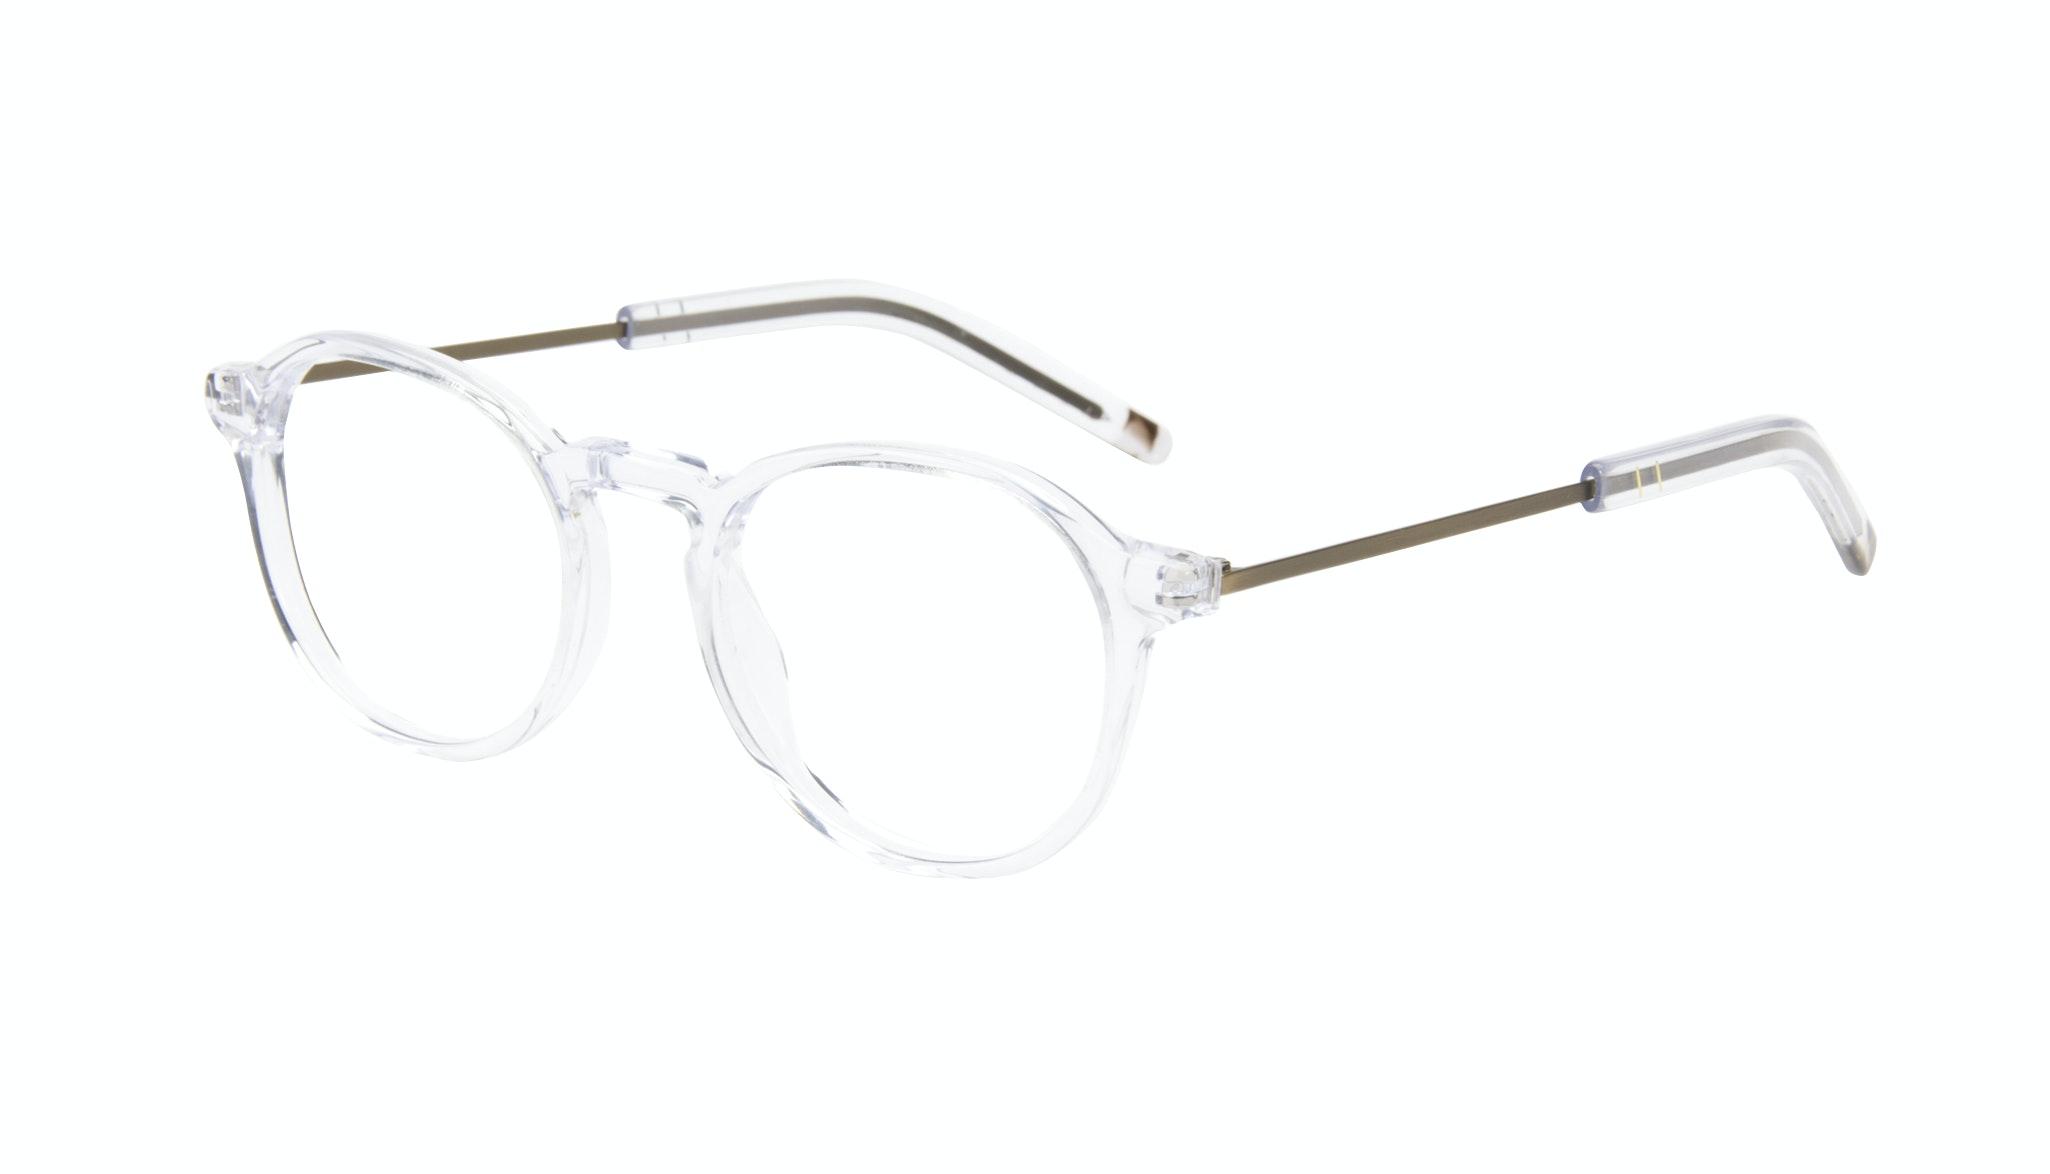 Affordable Fashion Glasses Round Eyeglasses Men Prime Clear Tilt